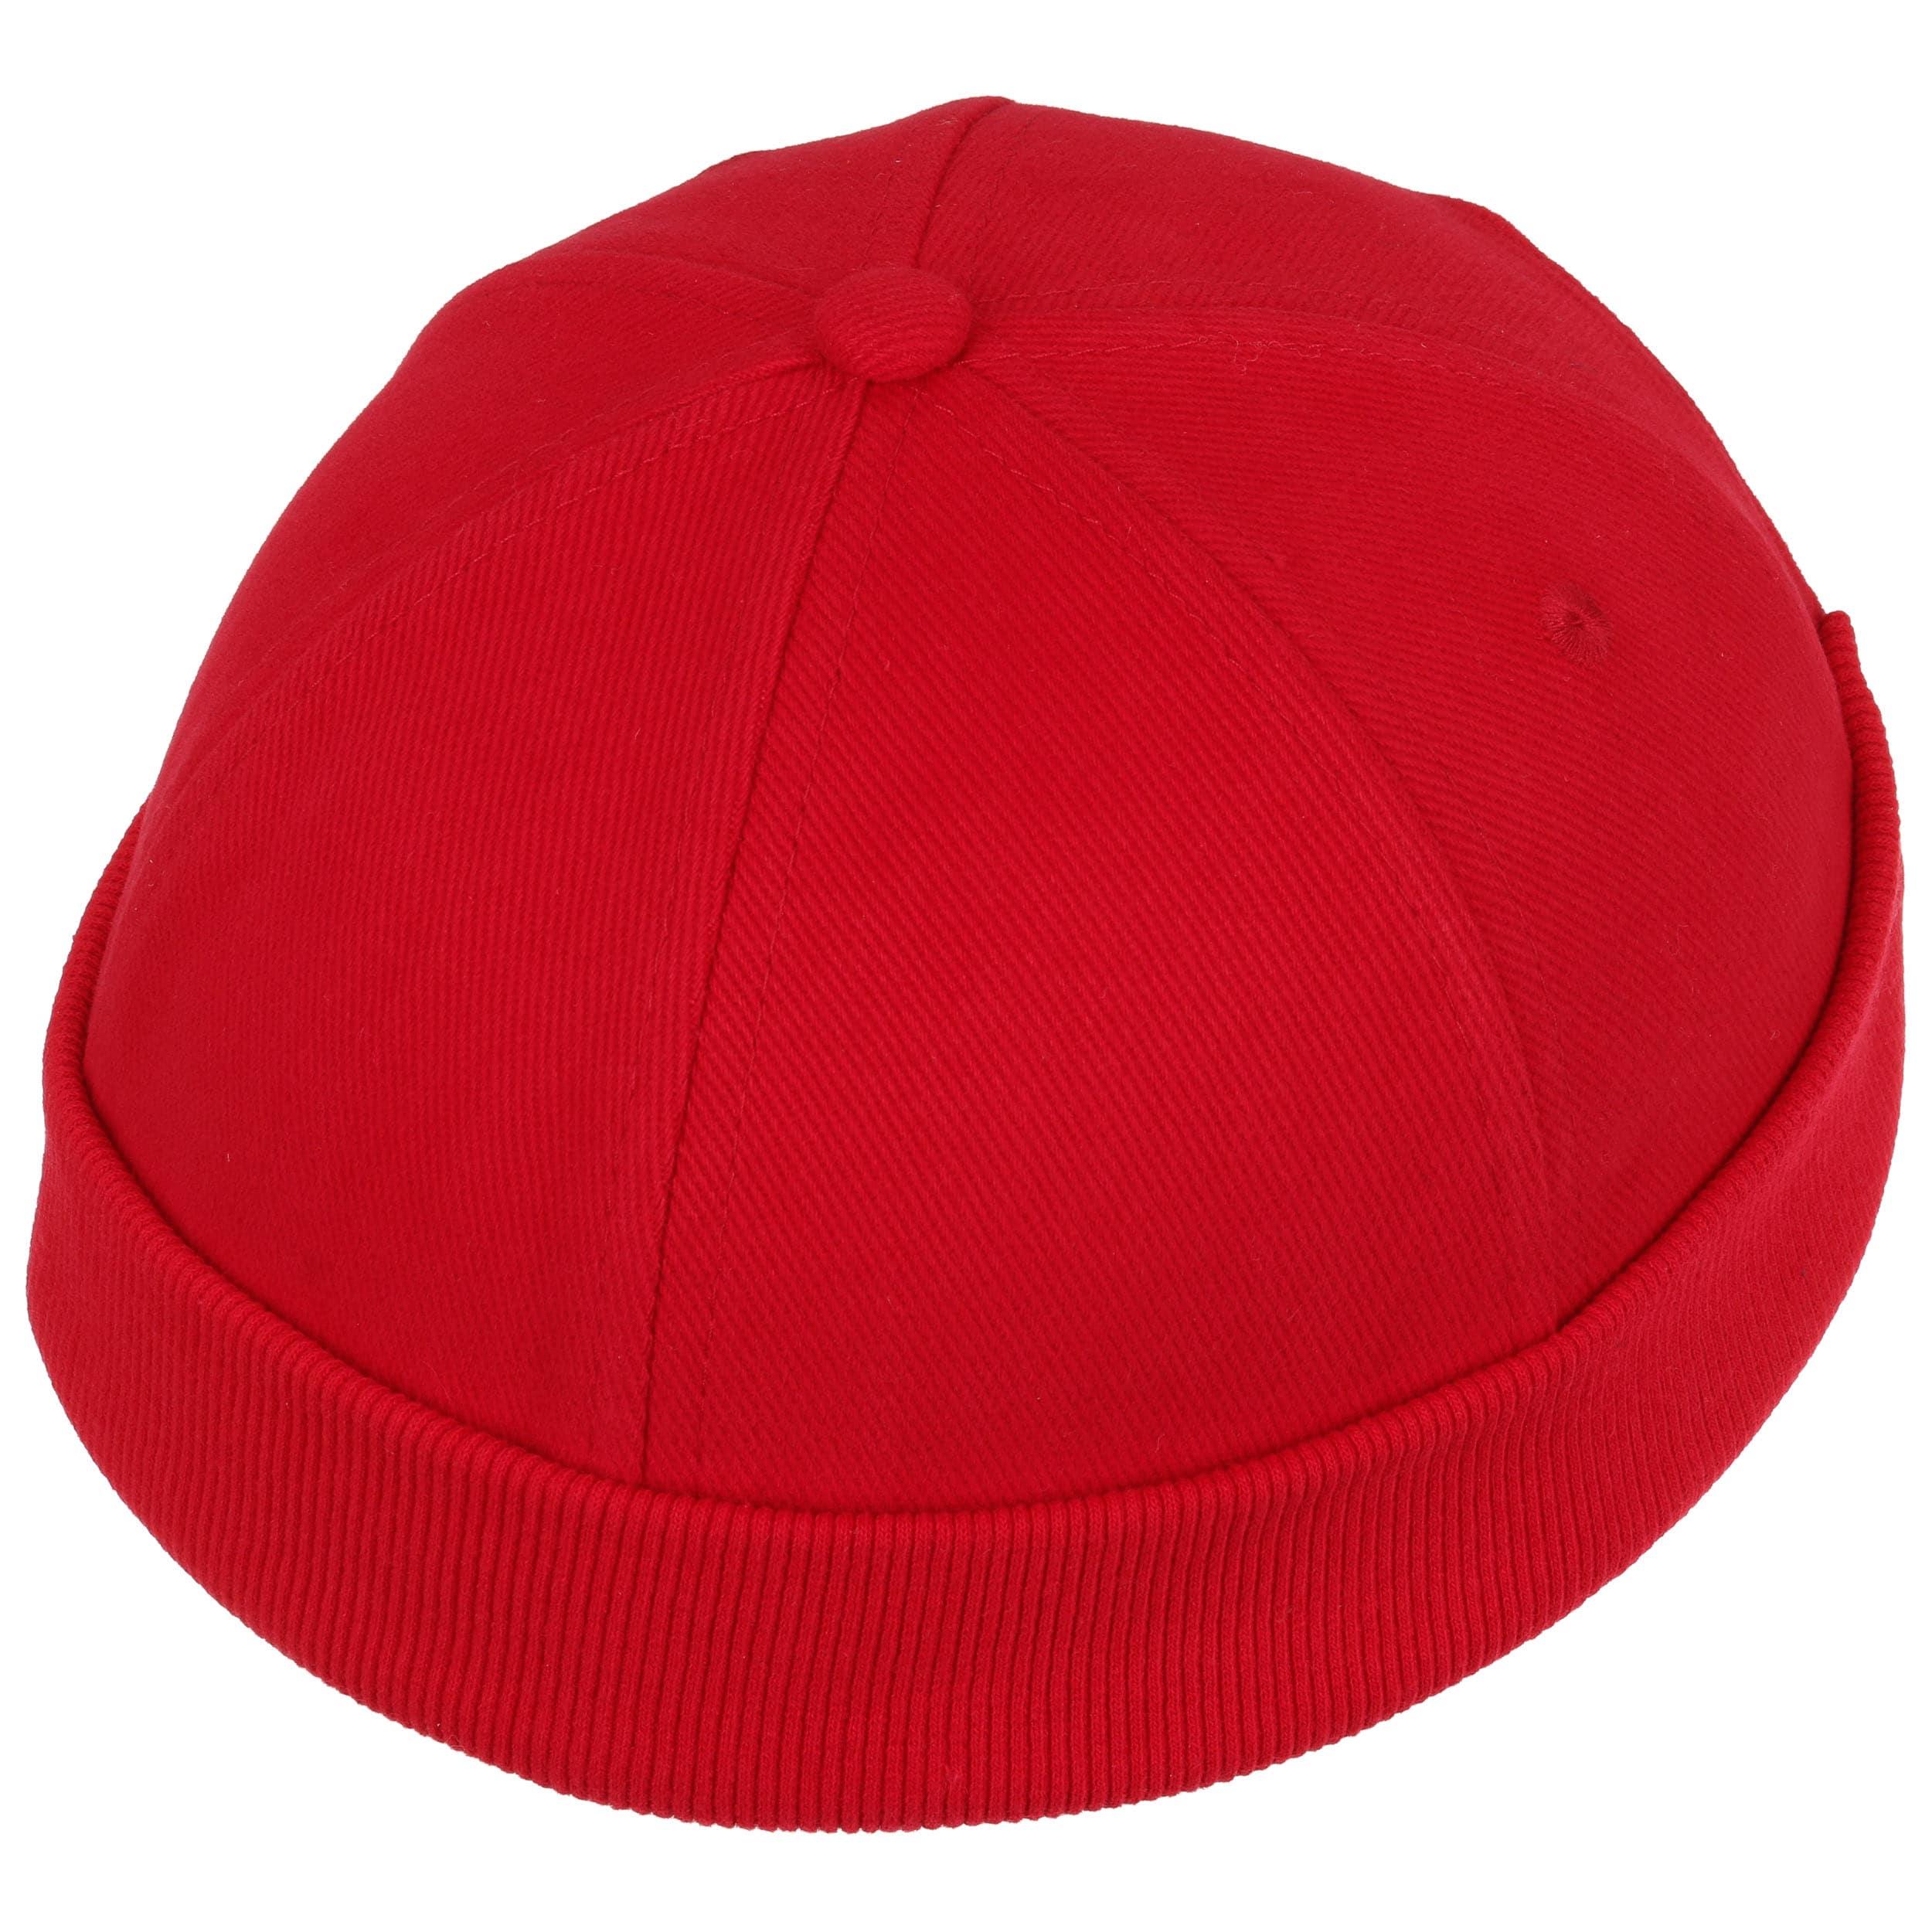 cotton docker cap eur 9 95 hats caps beanies shop online